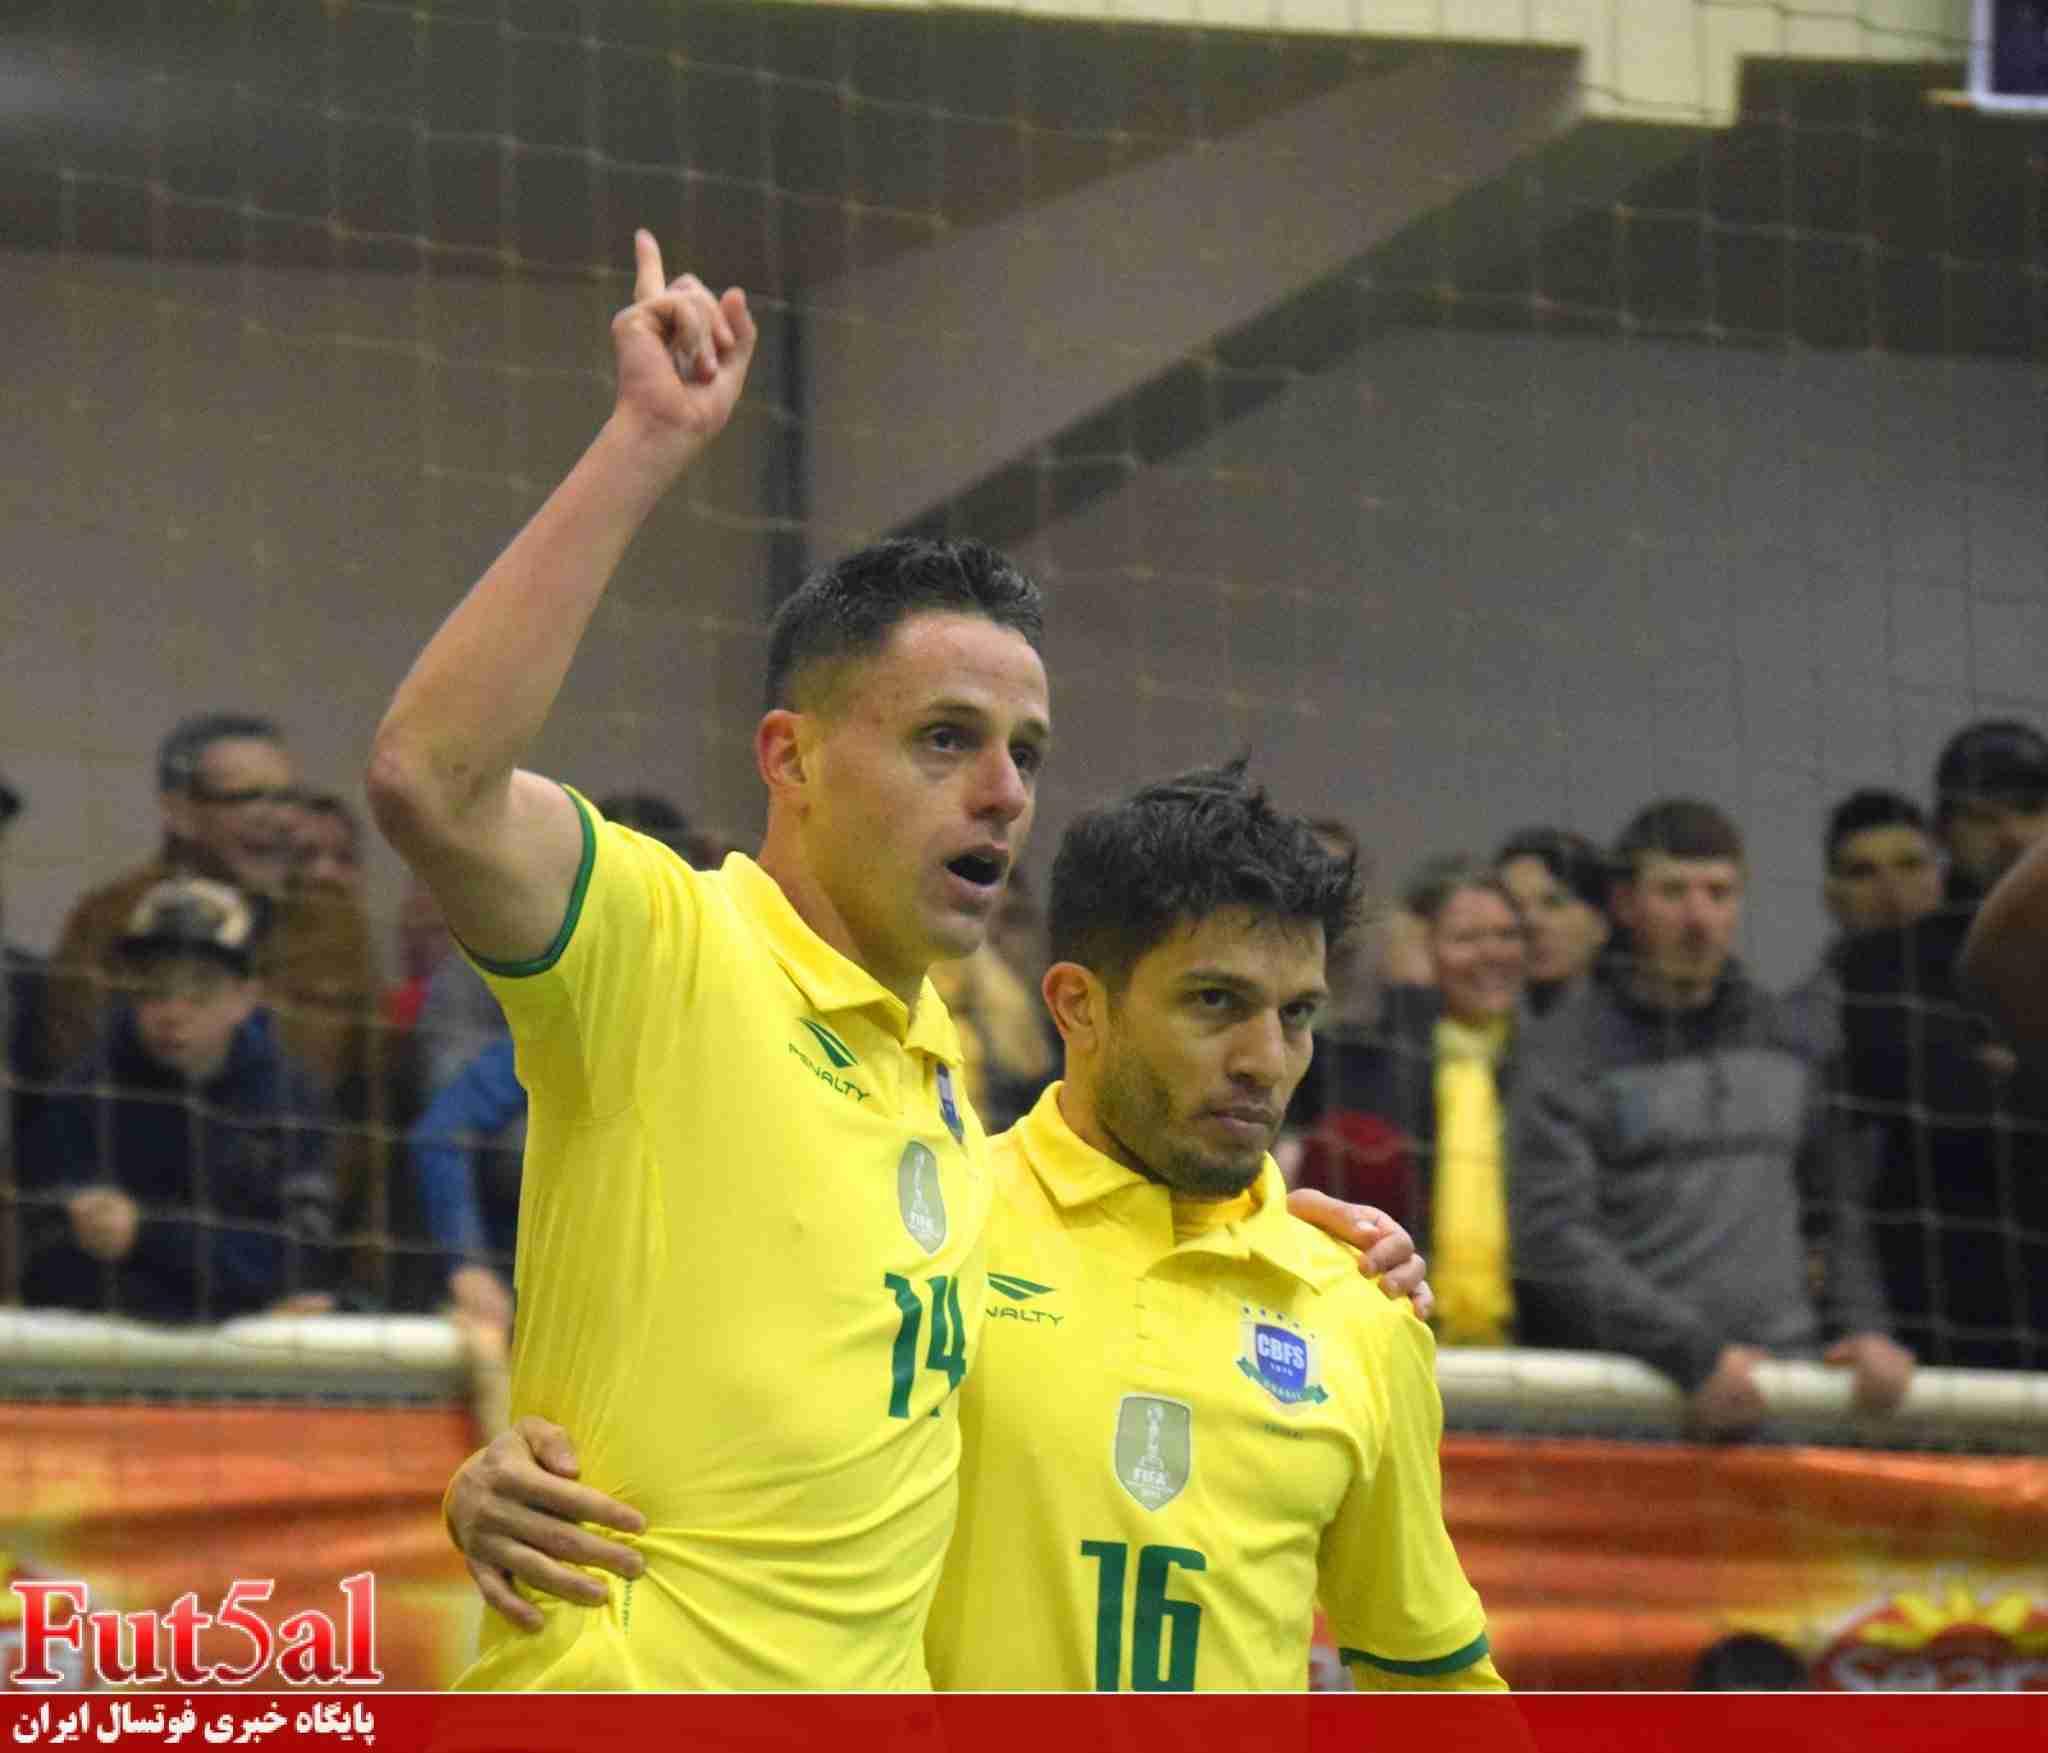 پیروزی پر گل برزیل در دربی آمریکای جنوبی